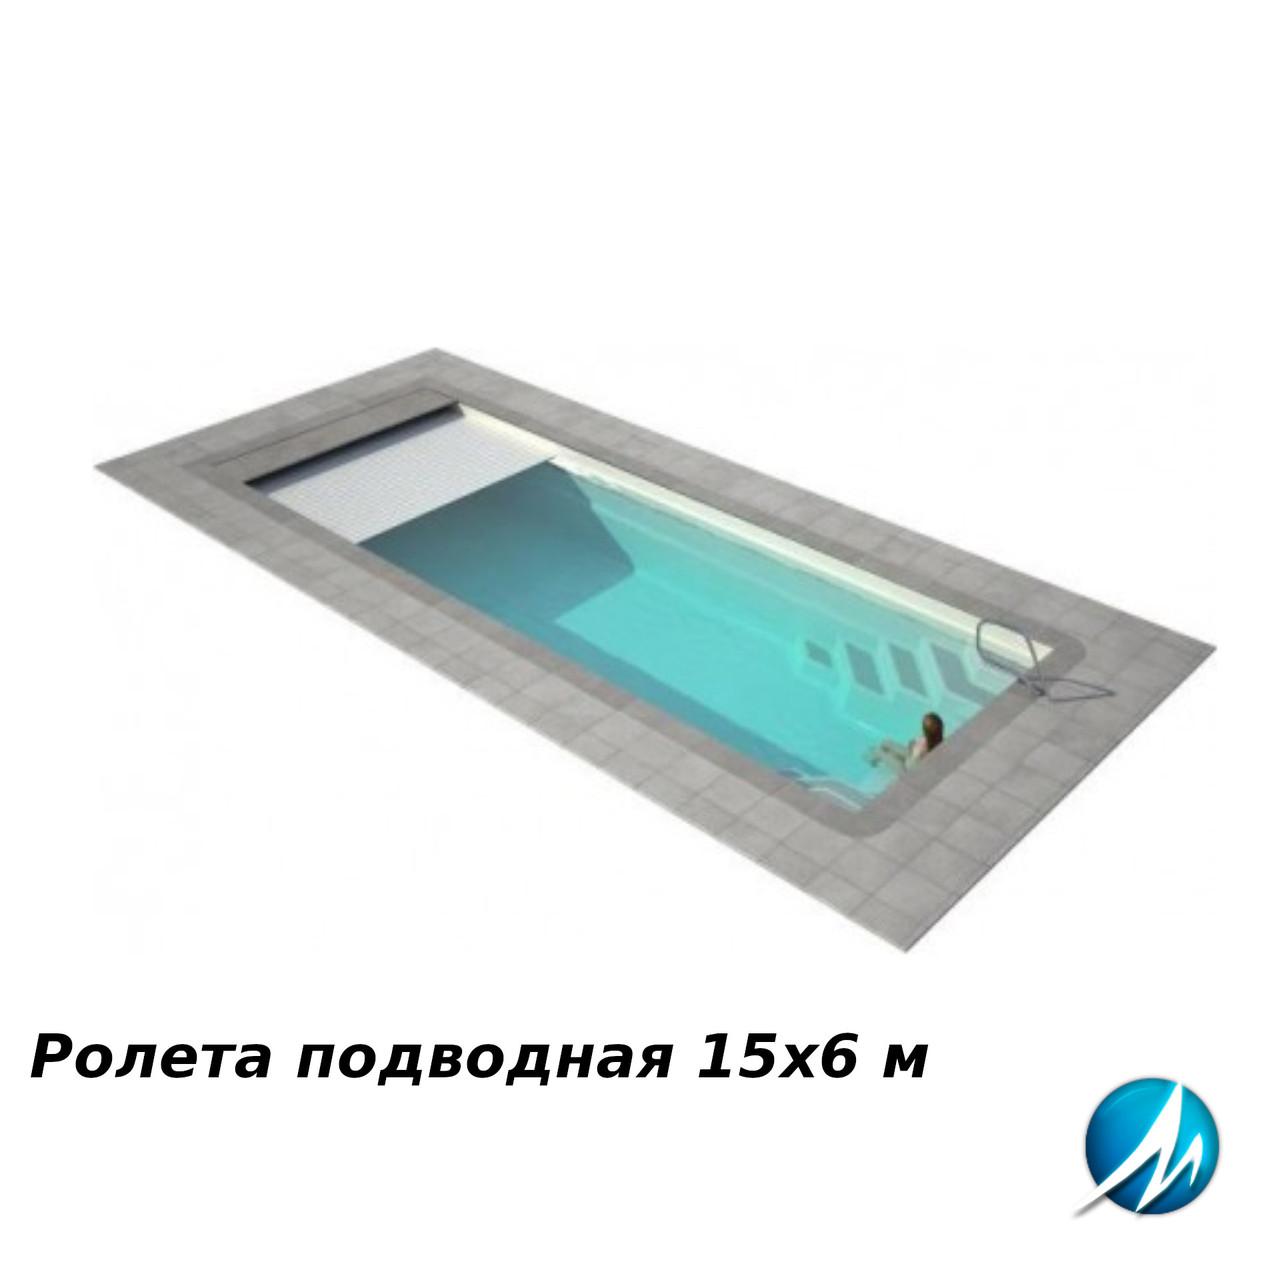 Ролета для бассейна подводная EcoProtect 15х6 м